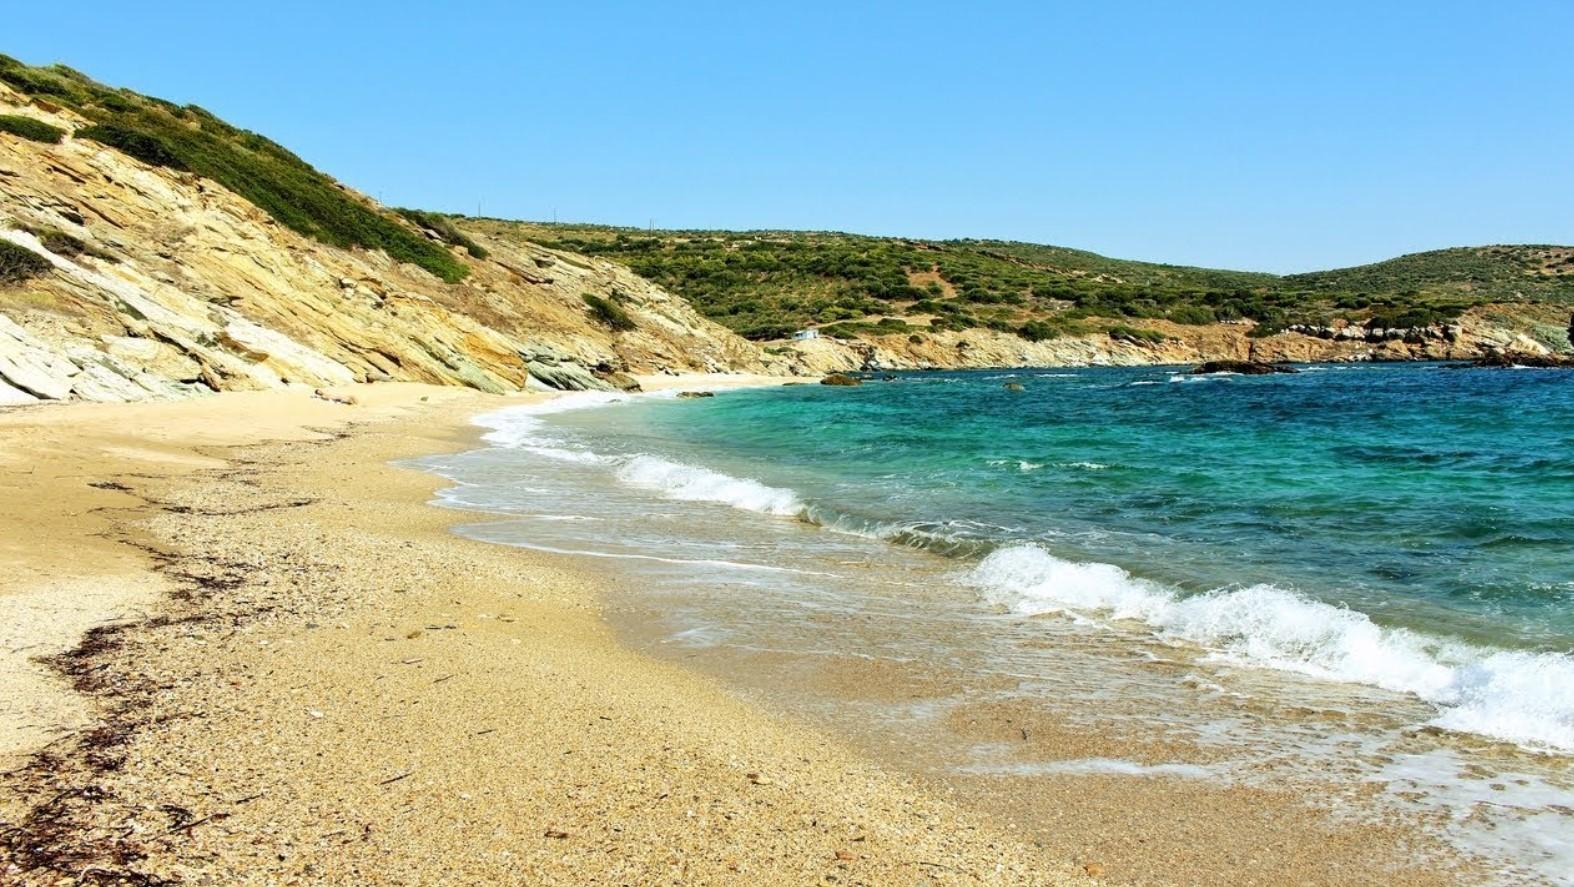 στόμιο παραλία στην Εύβοια